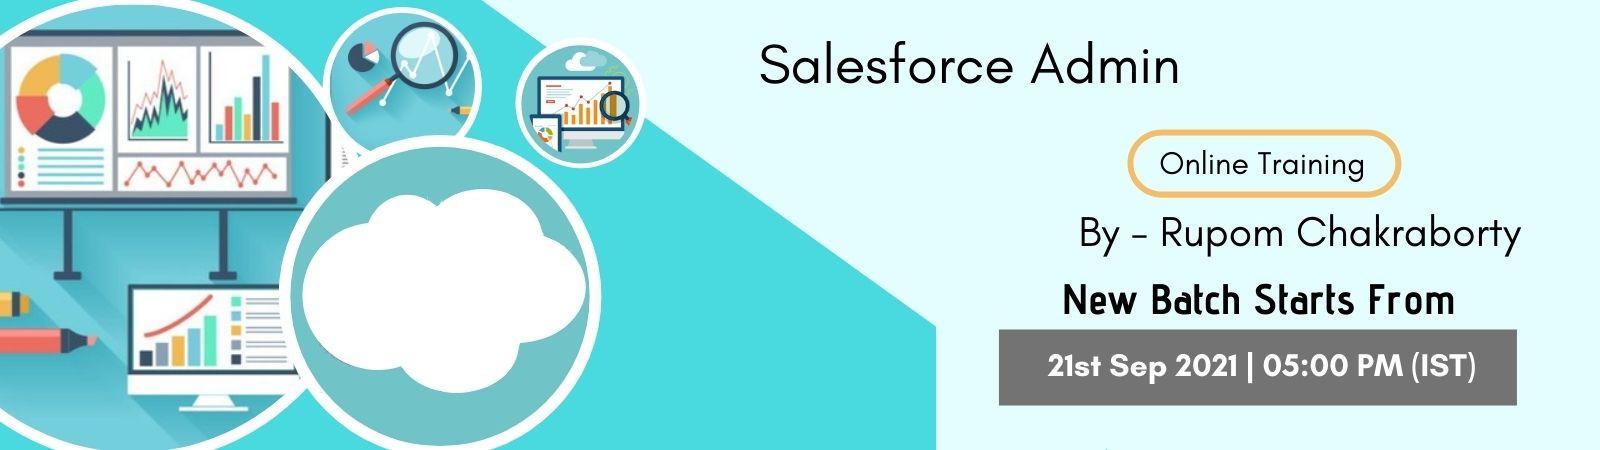 salesforce Admin banner